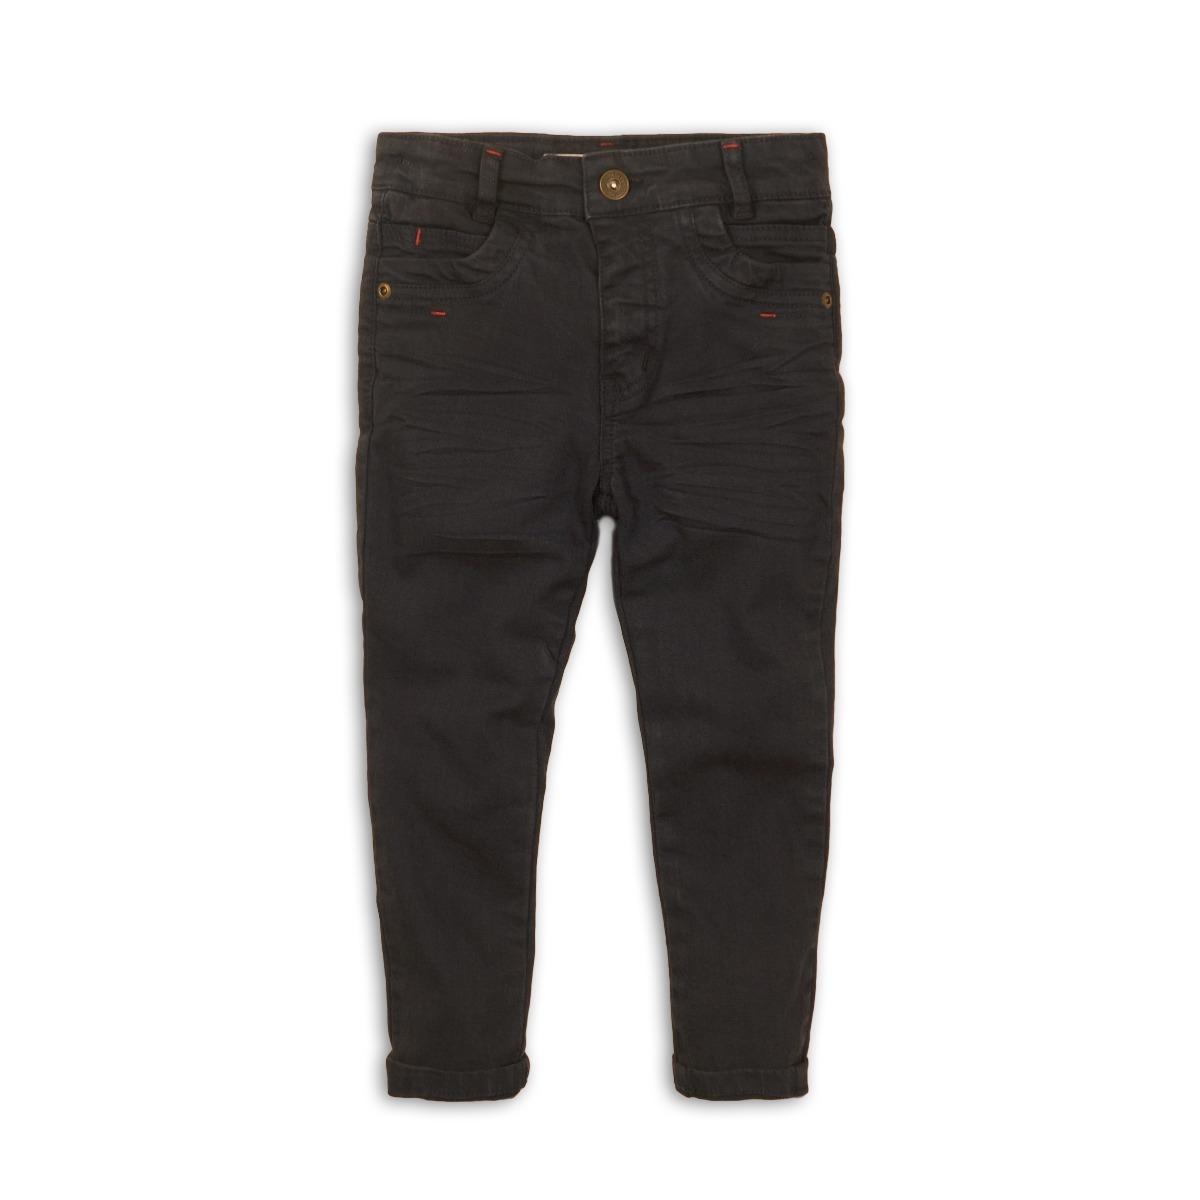 Pantaloni lungi cu buzunare Minoti Dept, Bleumarin